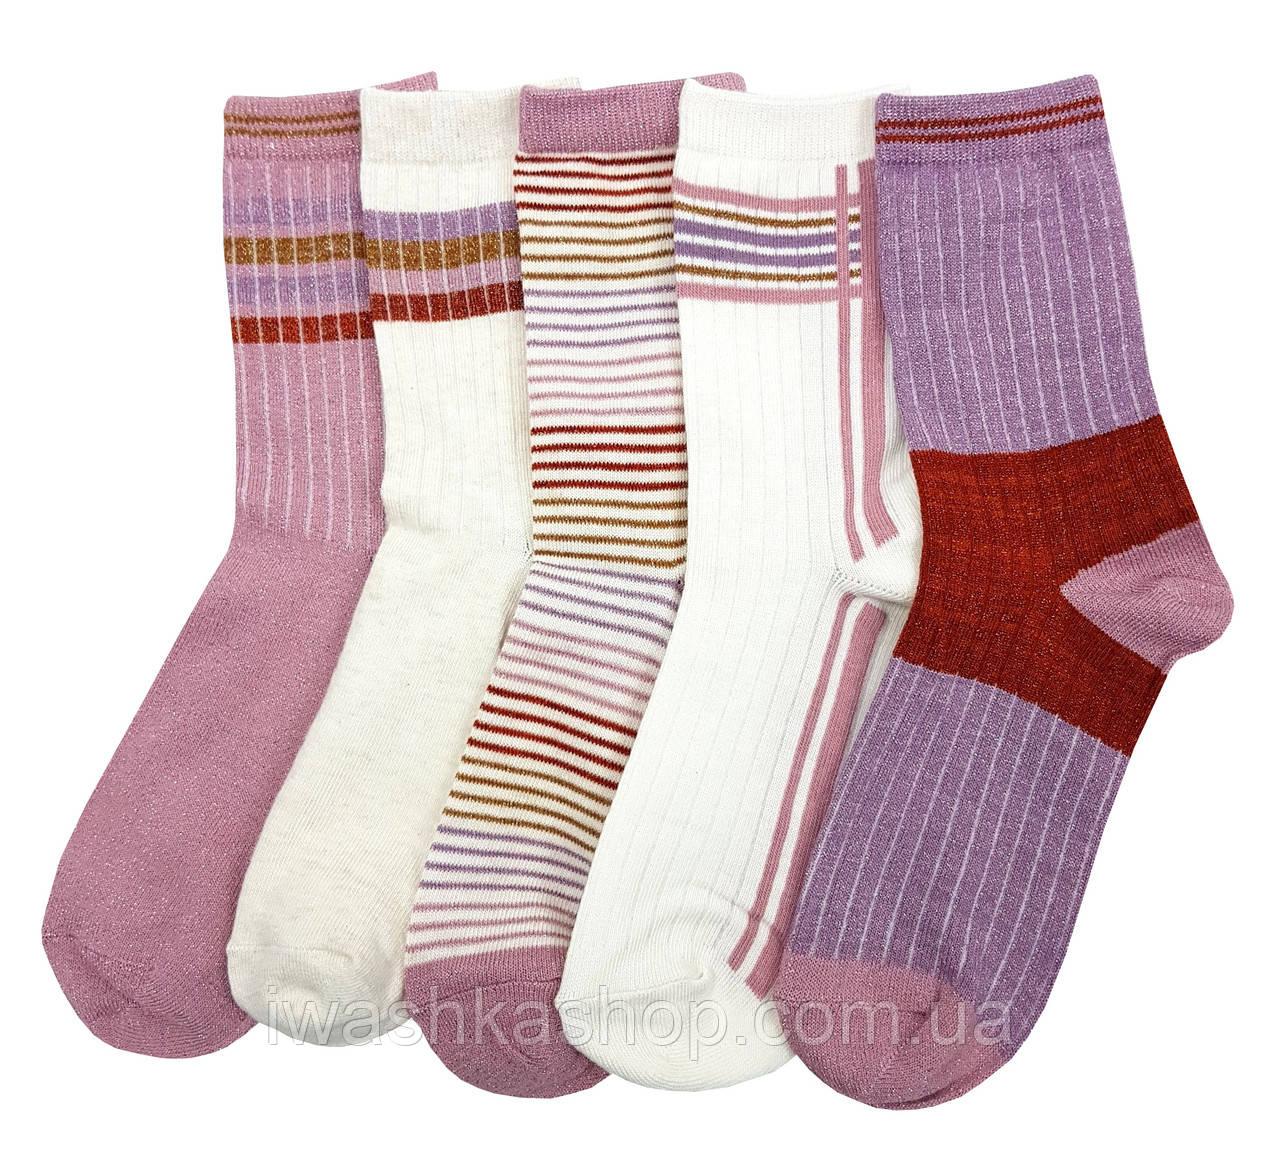 Блестящие носки комплектом на девочек 7 - 10 лет, Primark